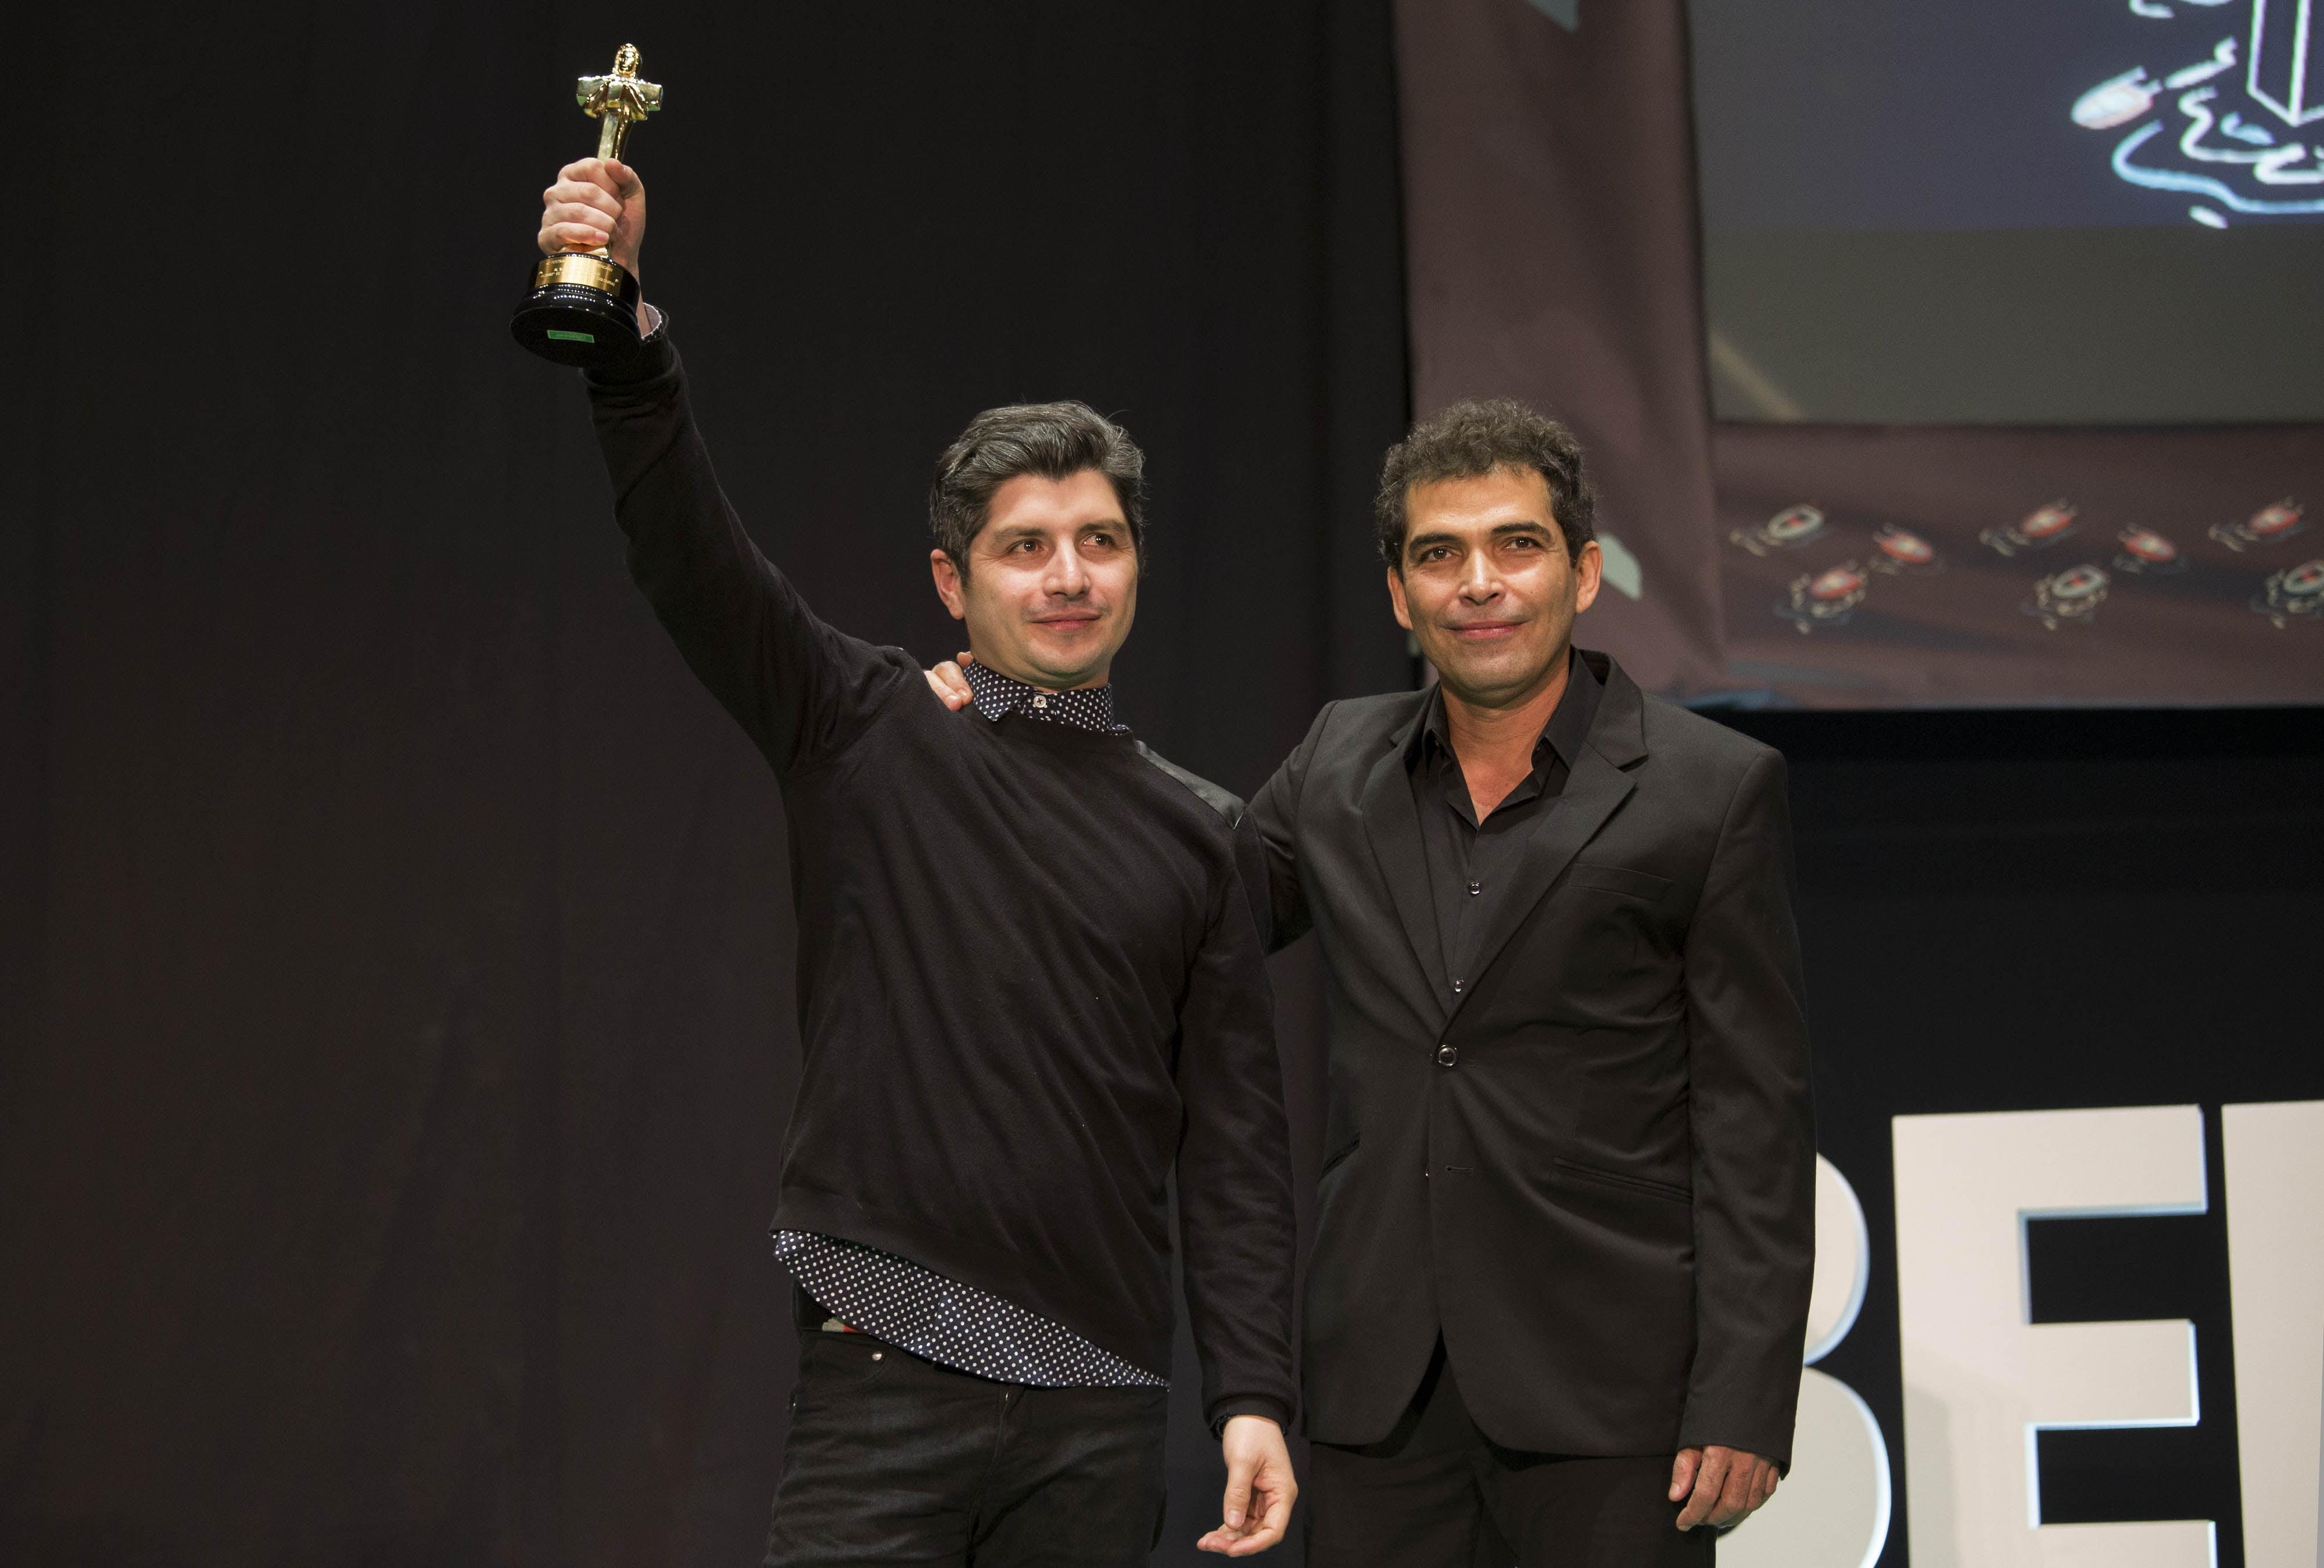 Simón Hernández con el Colón de Oro en la gala de clausura